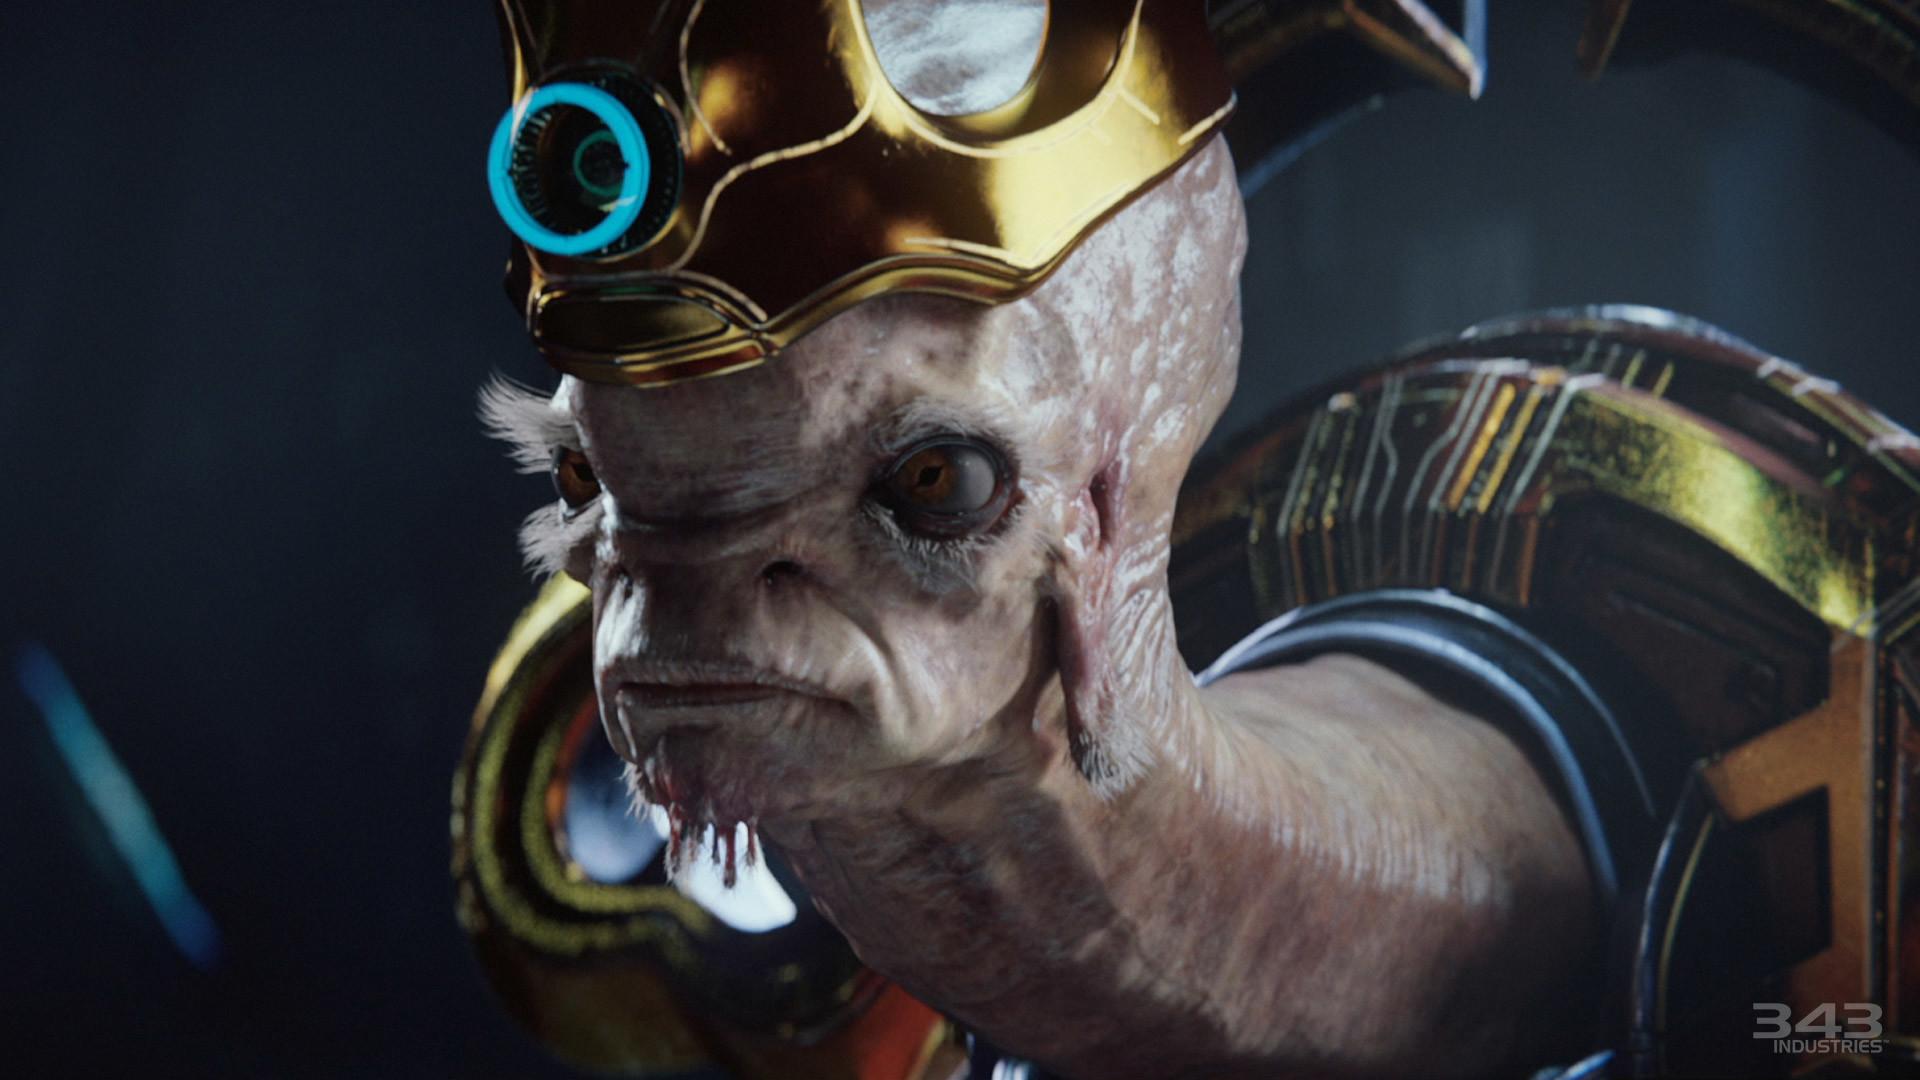 Stunning New Halo 2 Anniversary Blur Cinematic Screenshots Released |  Hardcore Gamer